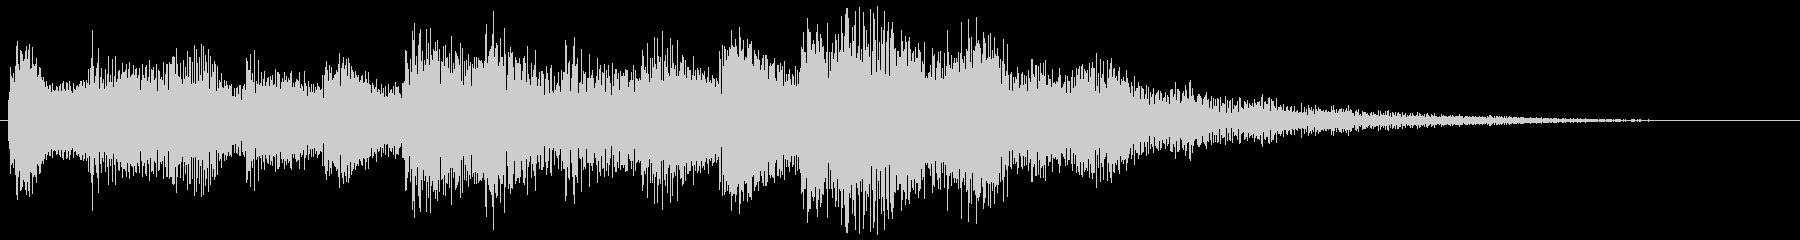 ハープとピアノの転回音 場面転換の未再生の波形